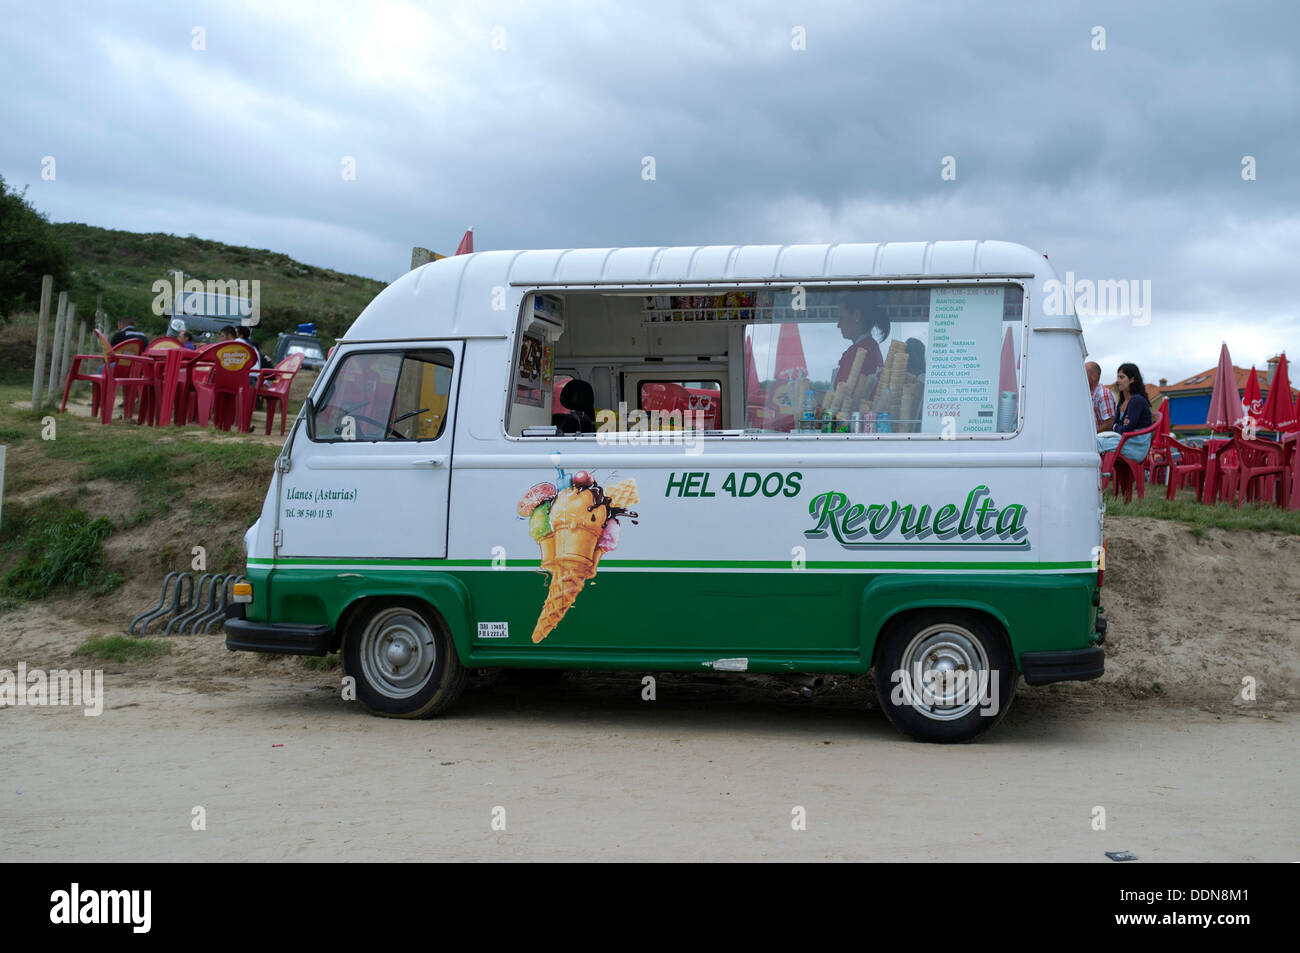 a660e05a32 Ice cream van in Cantabria